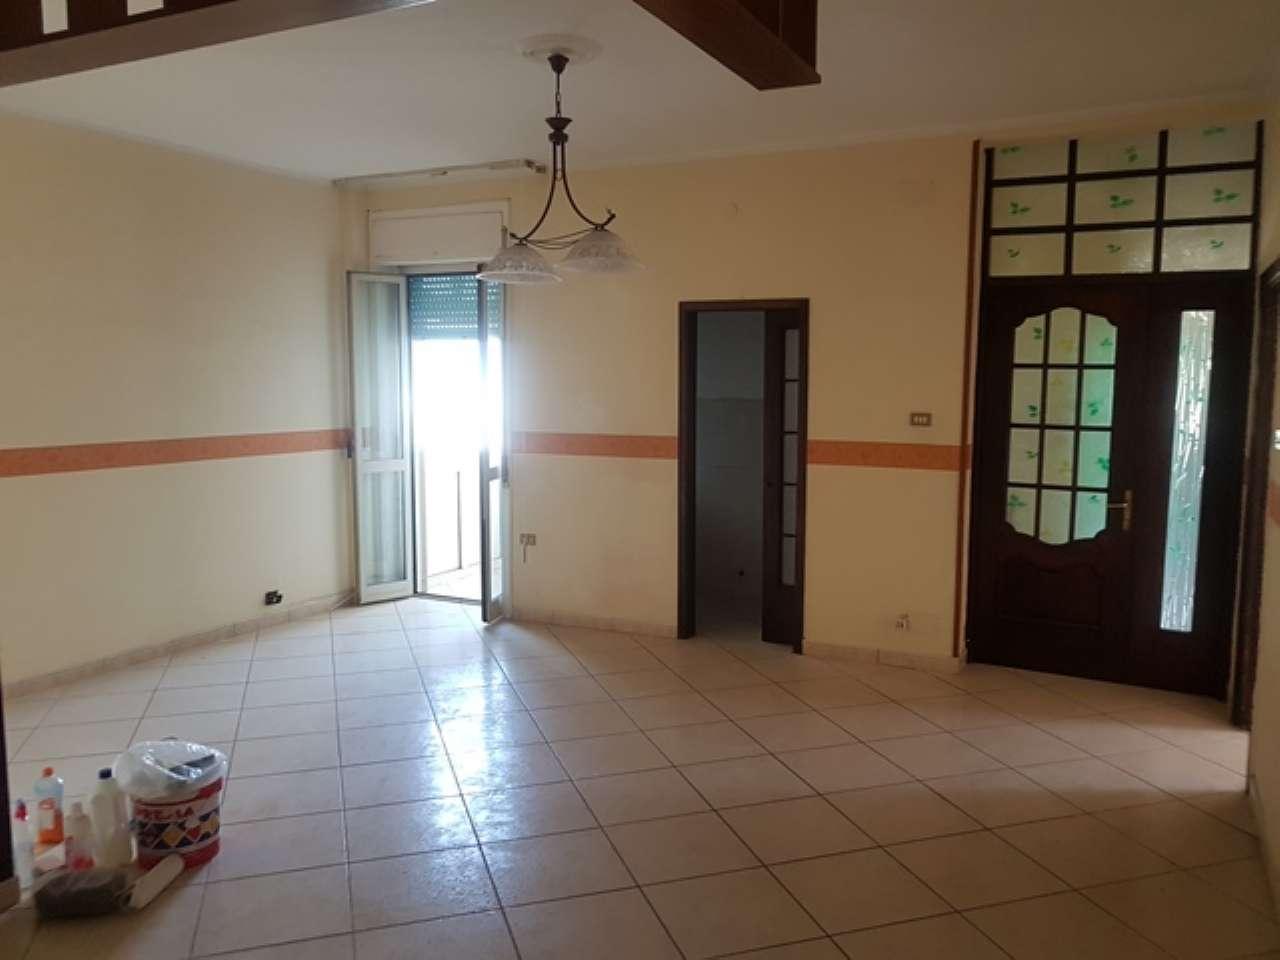 Appartamento in vendita a Cicciano, 4 locali, prezzo € 120.000 | CambioCasa.it